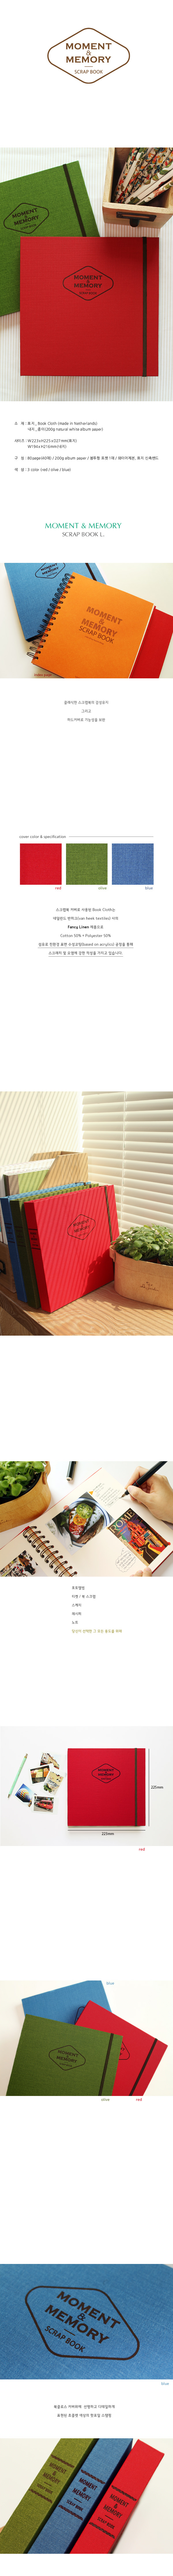 Moment n Memory Scrap Book L - 페이퍼리안, 9,000원, 테마앨범/테마북, 티켓앨범